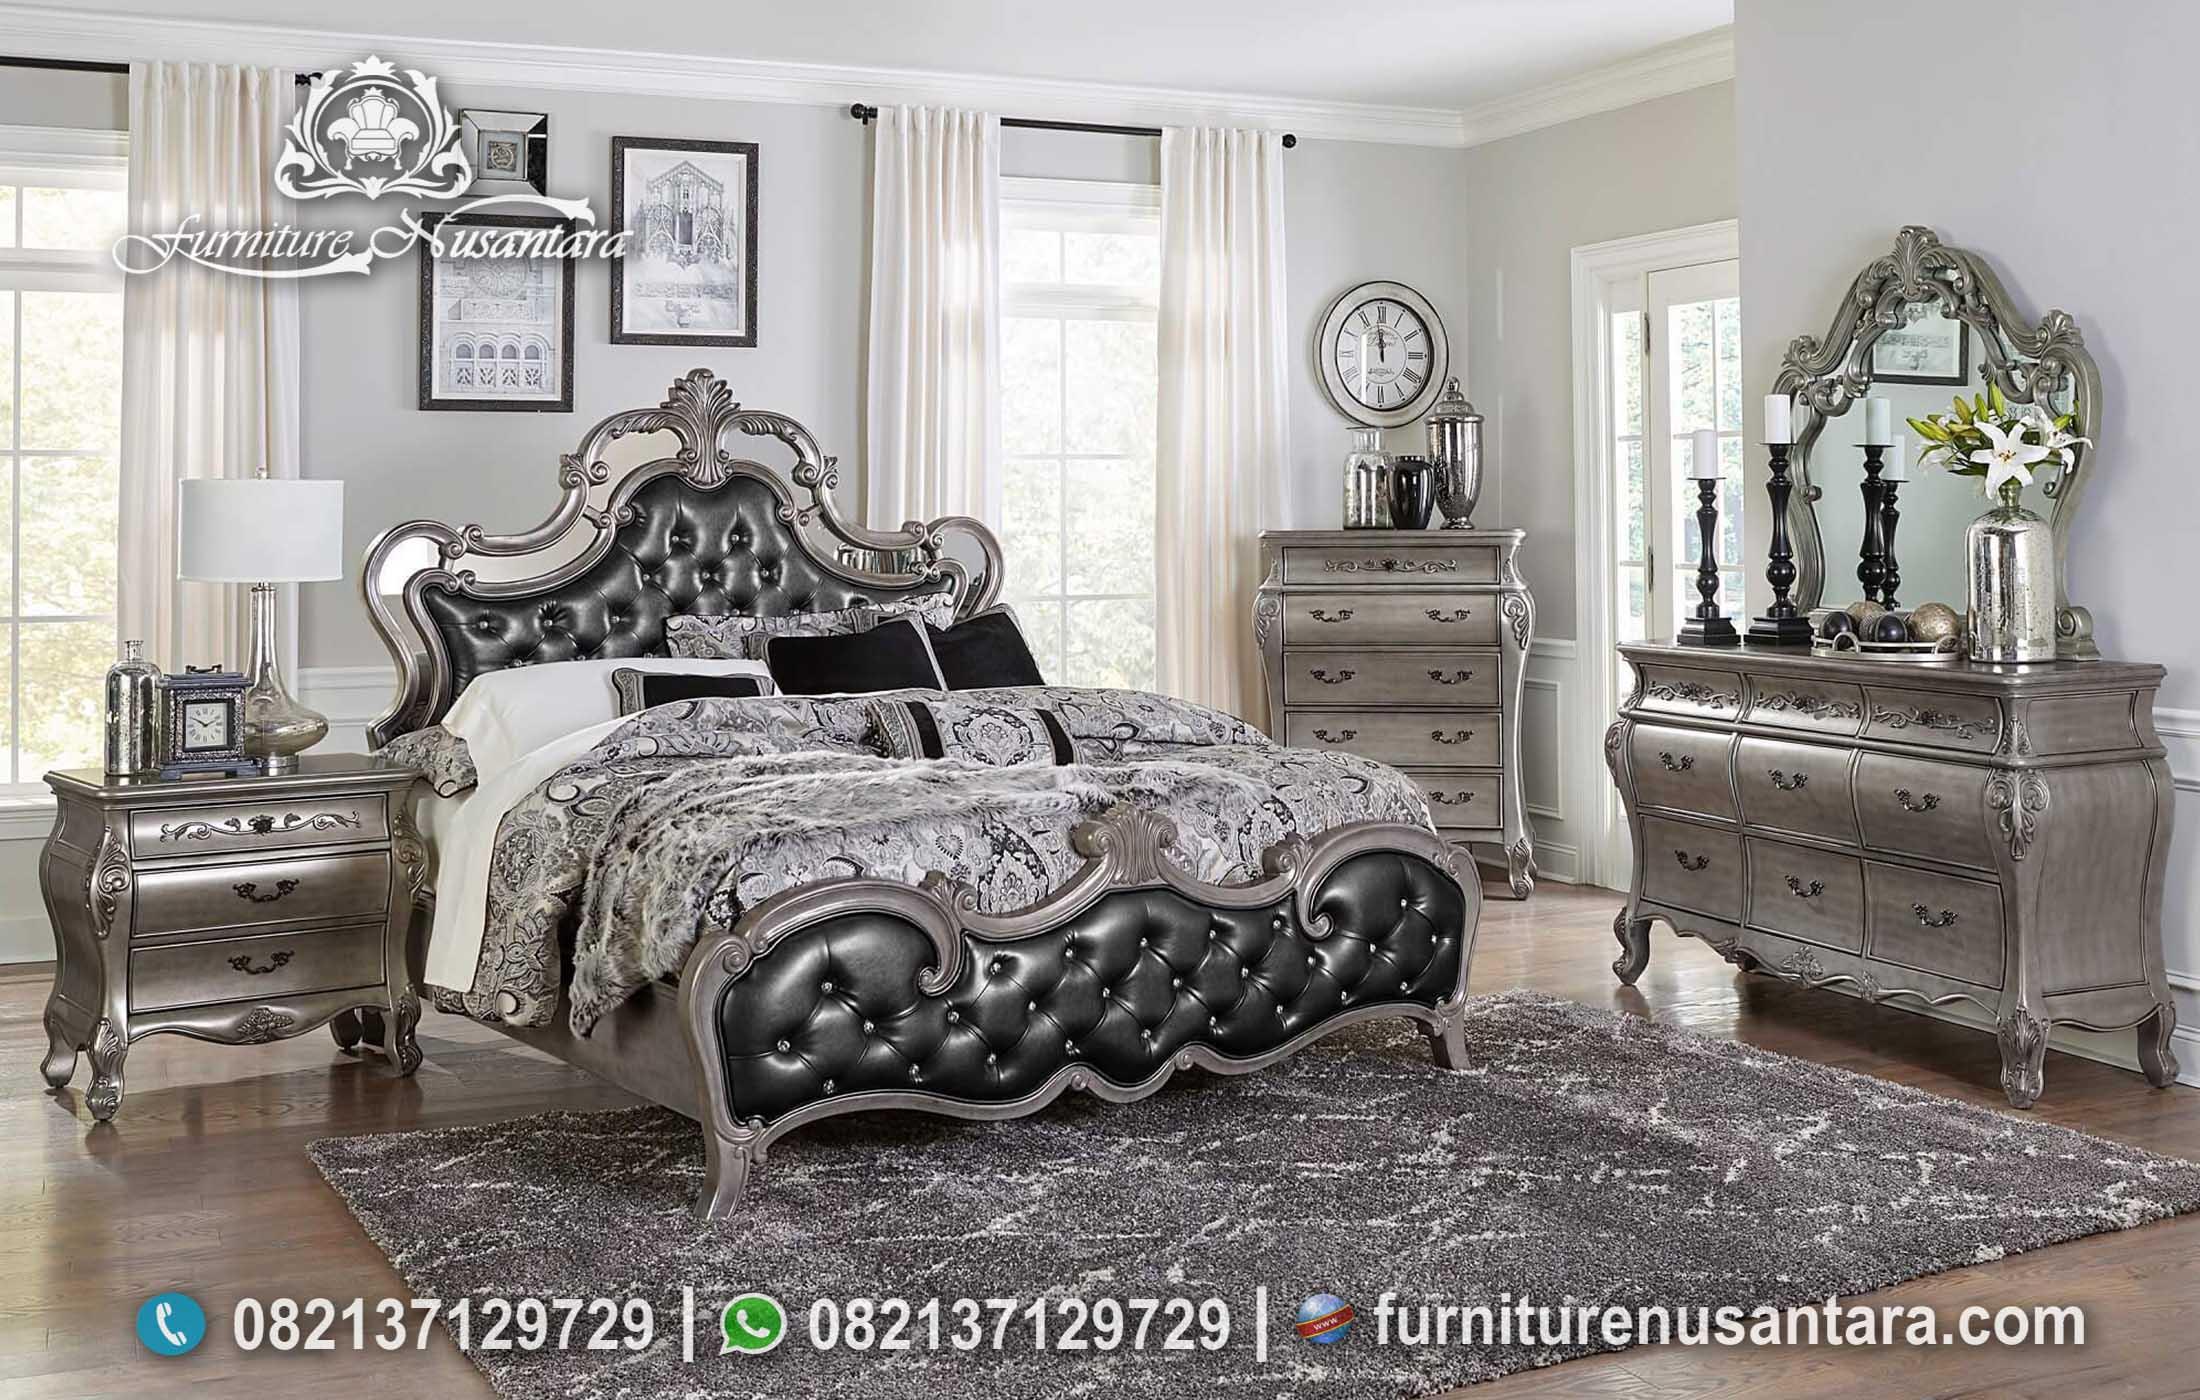 Desain Kamar Silver Cantik Mewah KS-141, Furniture Nusantara